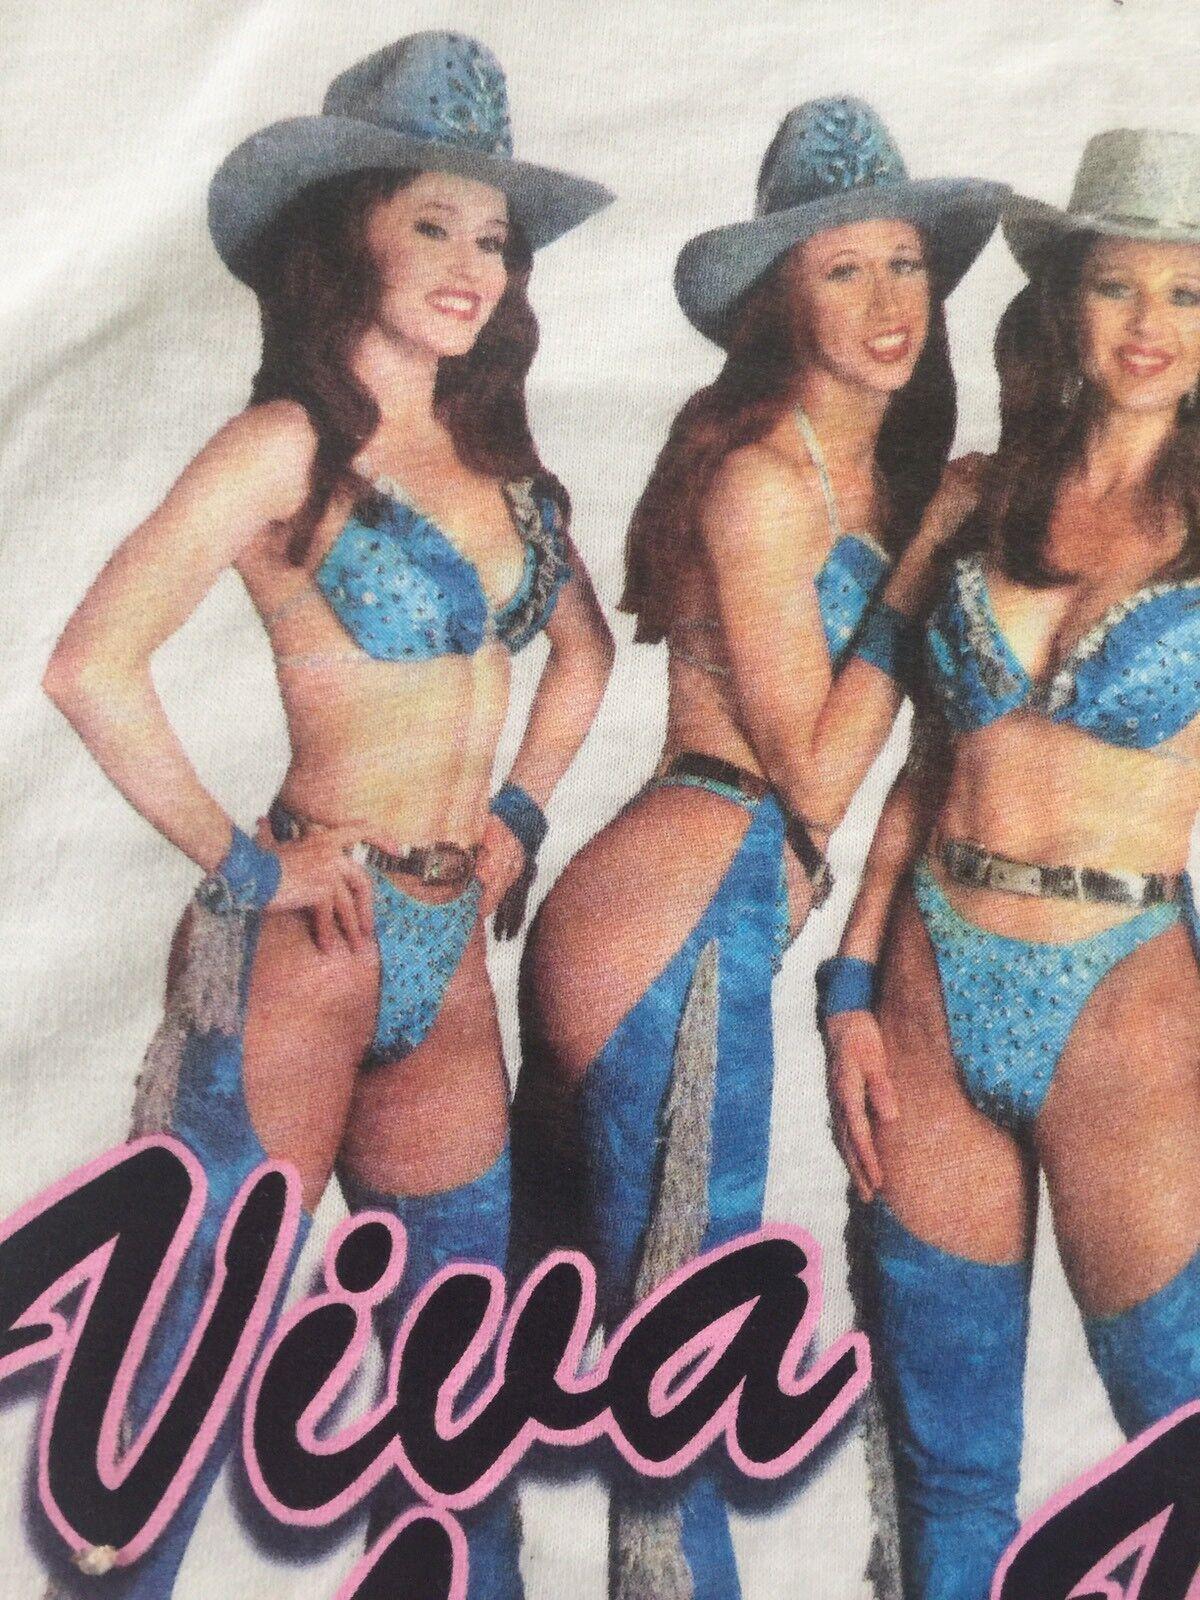 Vintage The VIVA GIRLS LAS Vegas Autographed Hot Babes Adult Rare T-shirt  XL